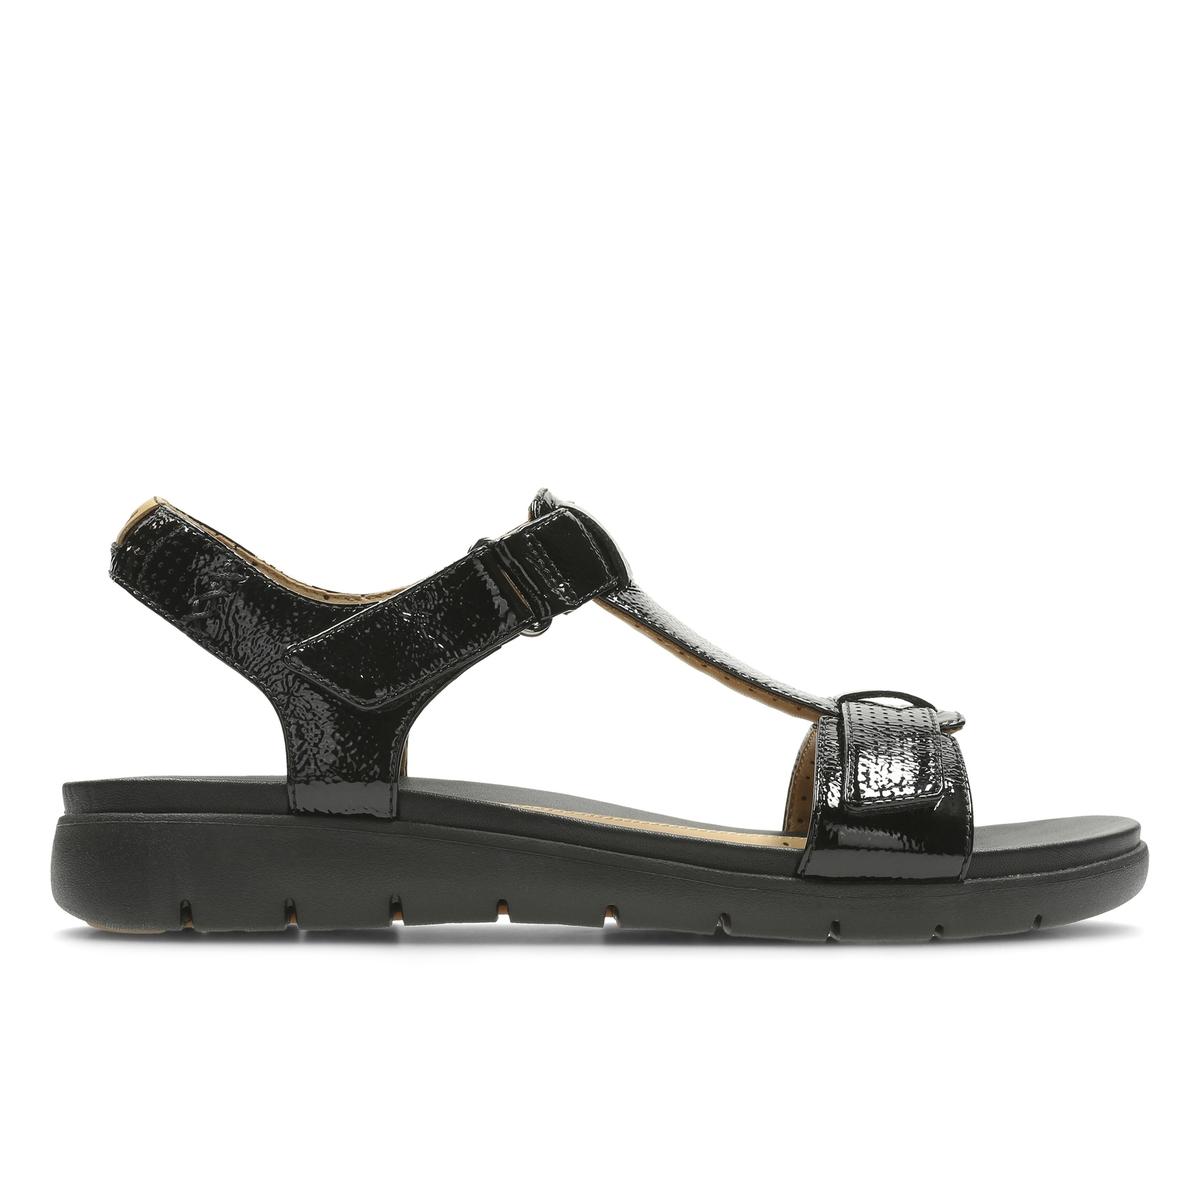 Босоножки кожаные Un HaywoodВерх : Кожа.   Подкладка : Кожа.   Стелька : Кожа.   Подошва : Каучук   Высота каблука : 3,5 см.   Форма каблука : плоский каблук   Мысок : открытый мысок   Застежка : планка-велкро<br><br>Цвет: черный<br>Размер: 37